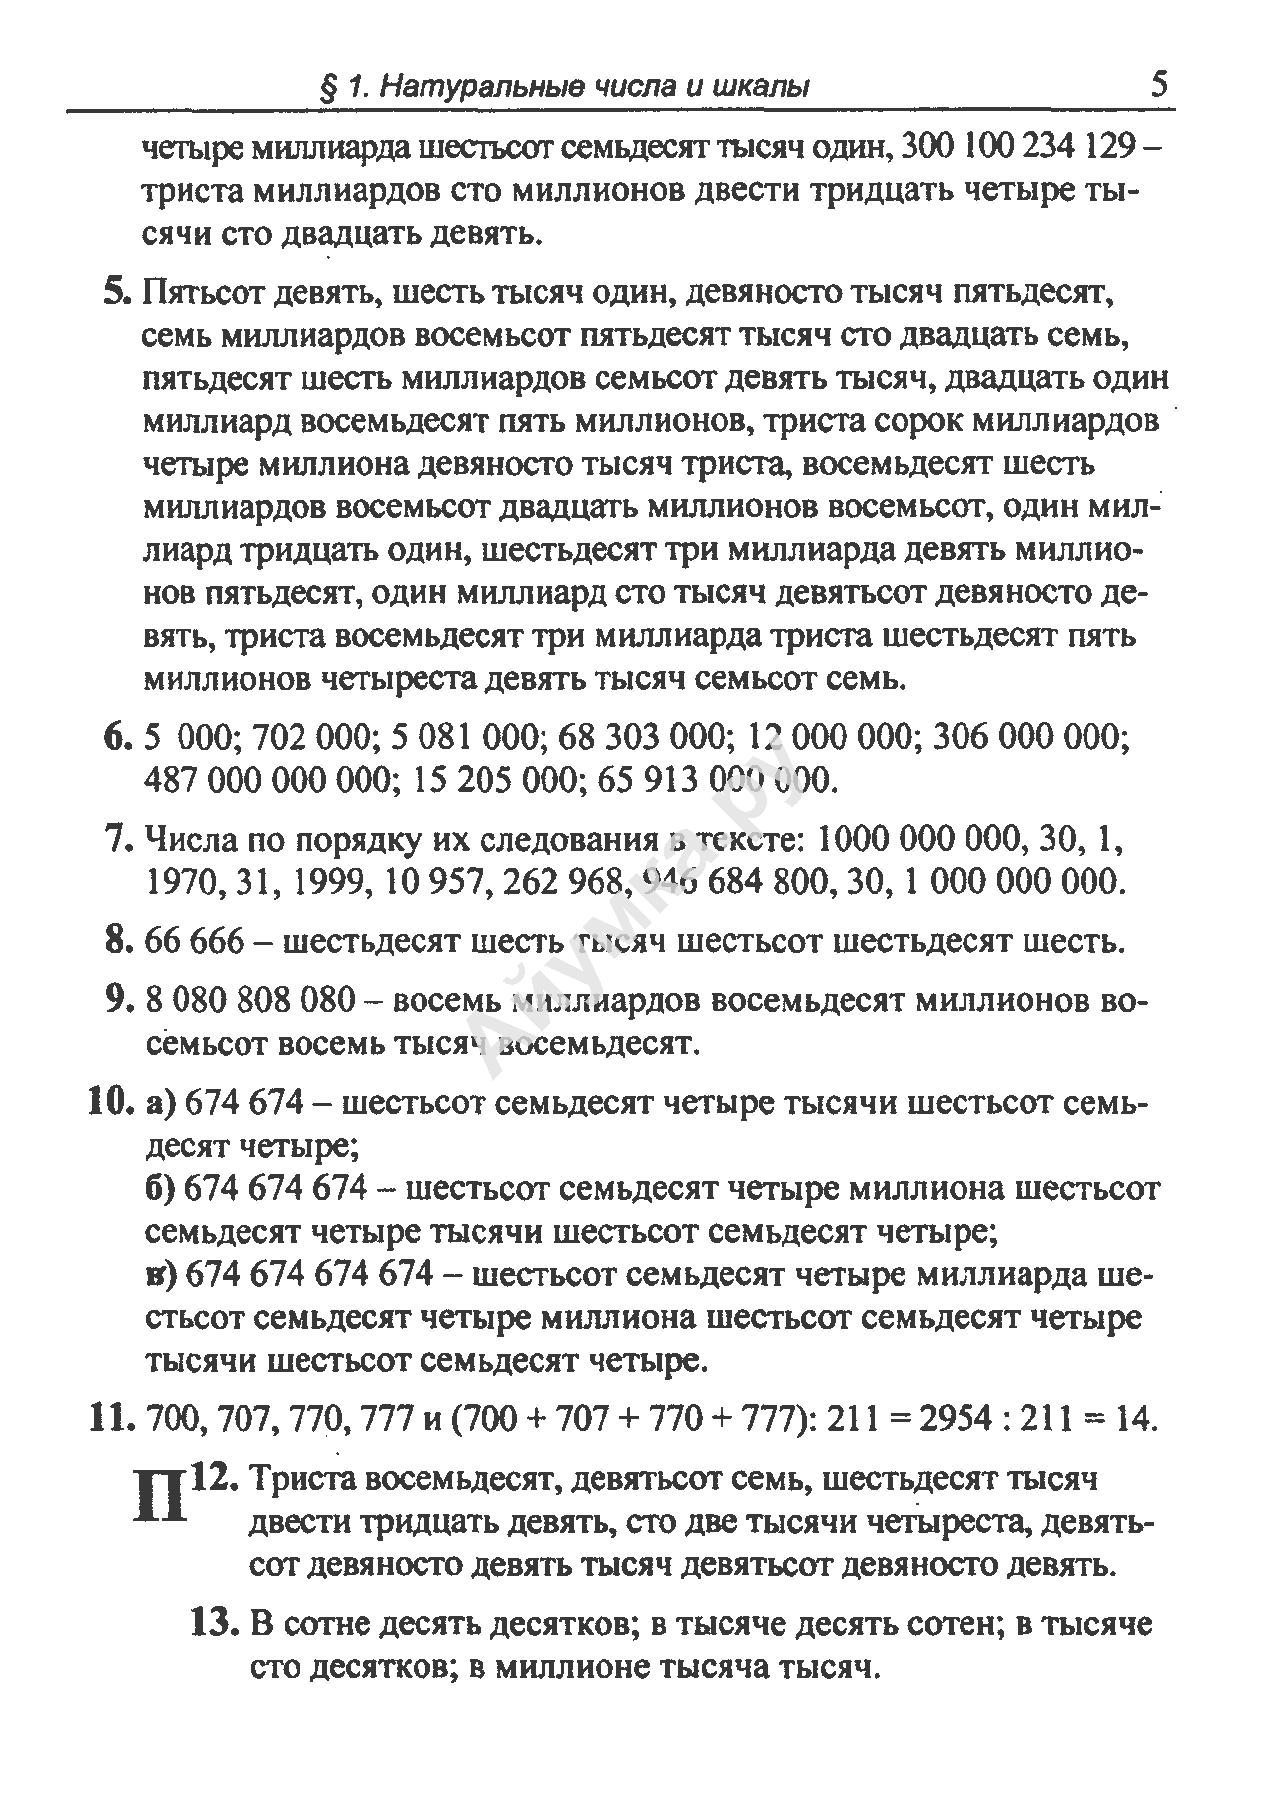 Скачать учебник по английскому students pdf языку 9 класс кузовлев бесплатно скачать